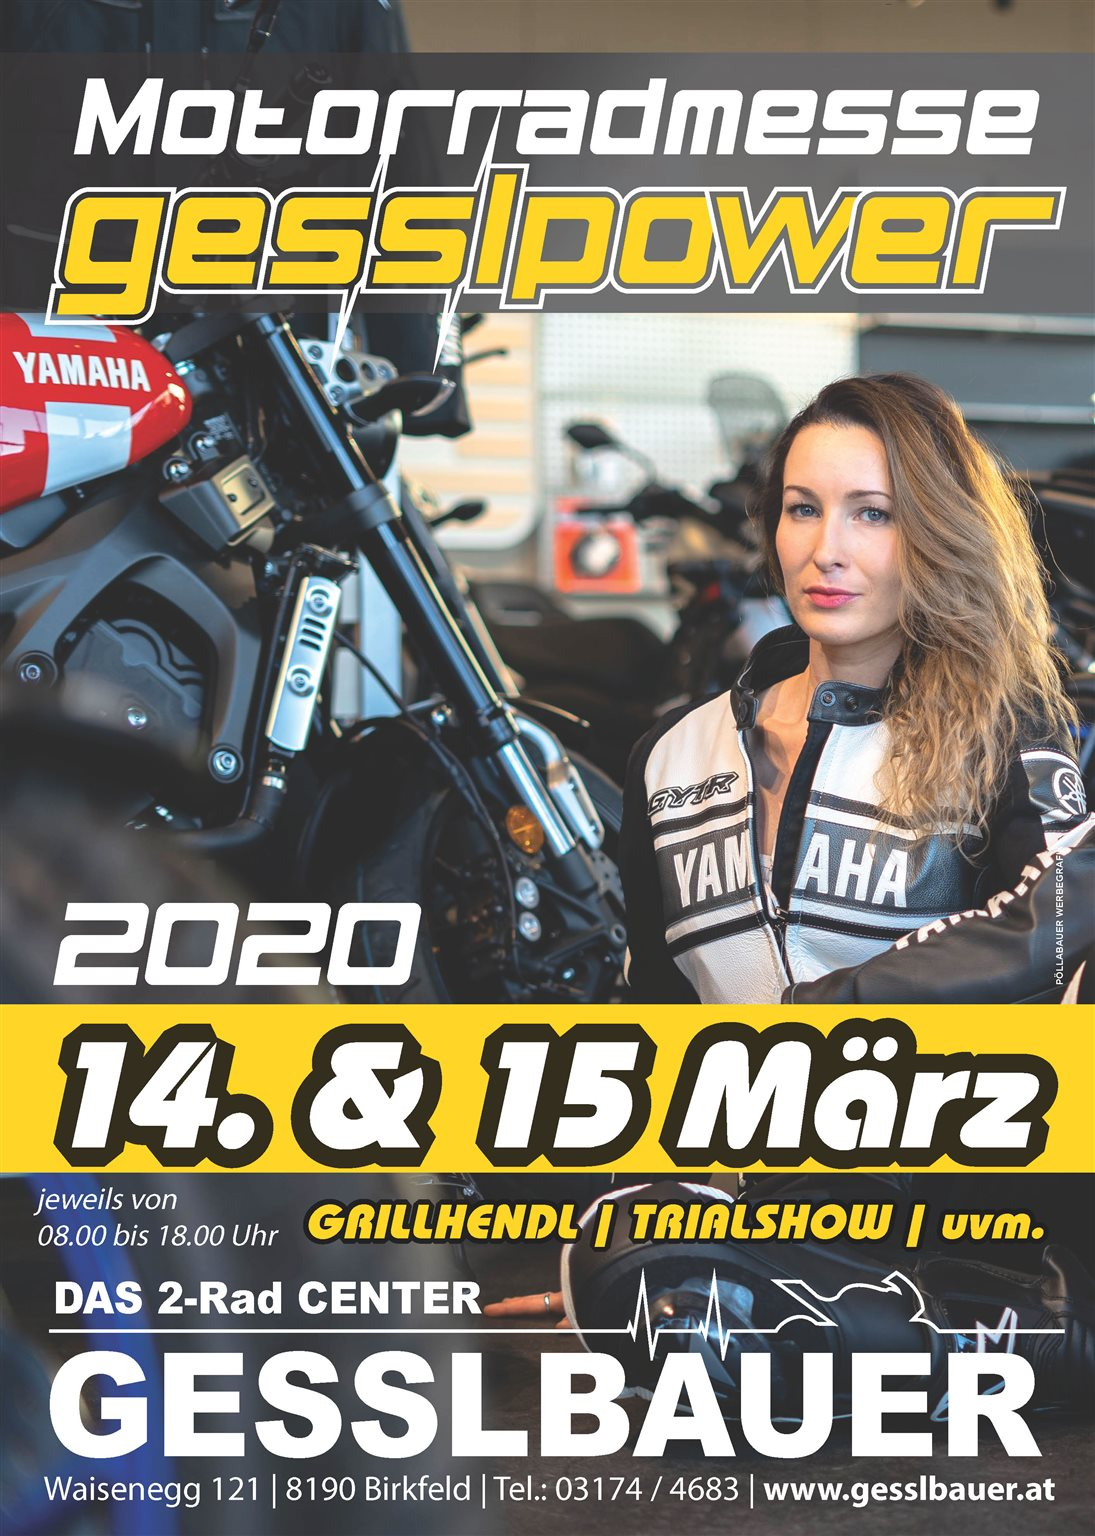 NEWS Motorradmesse am 14. und 15. März 2020